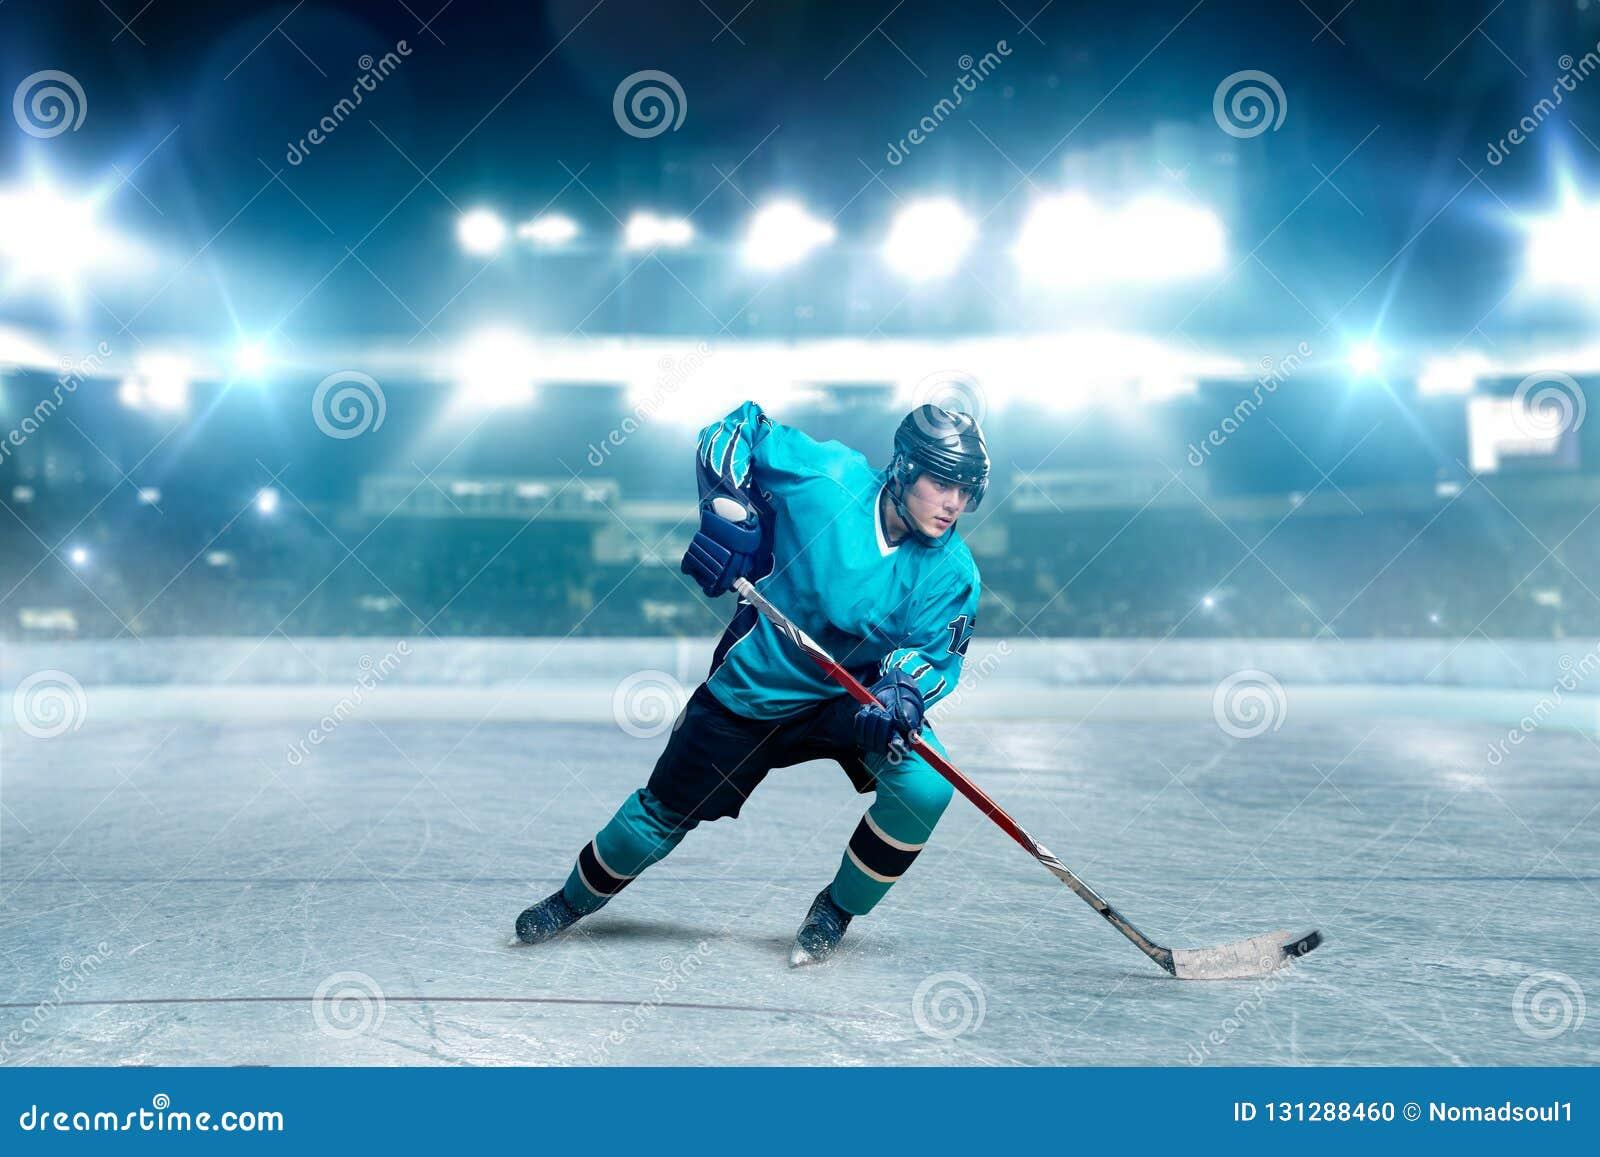 Un joueur de hockey patinant avec le bâton sur l arène de glace